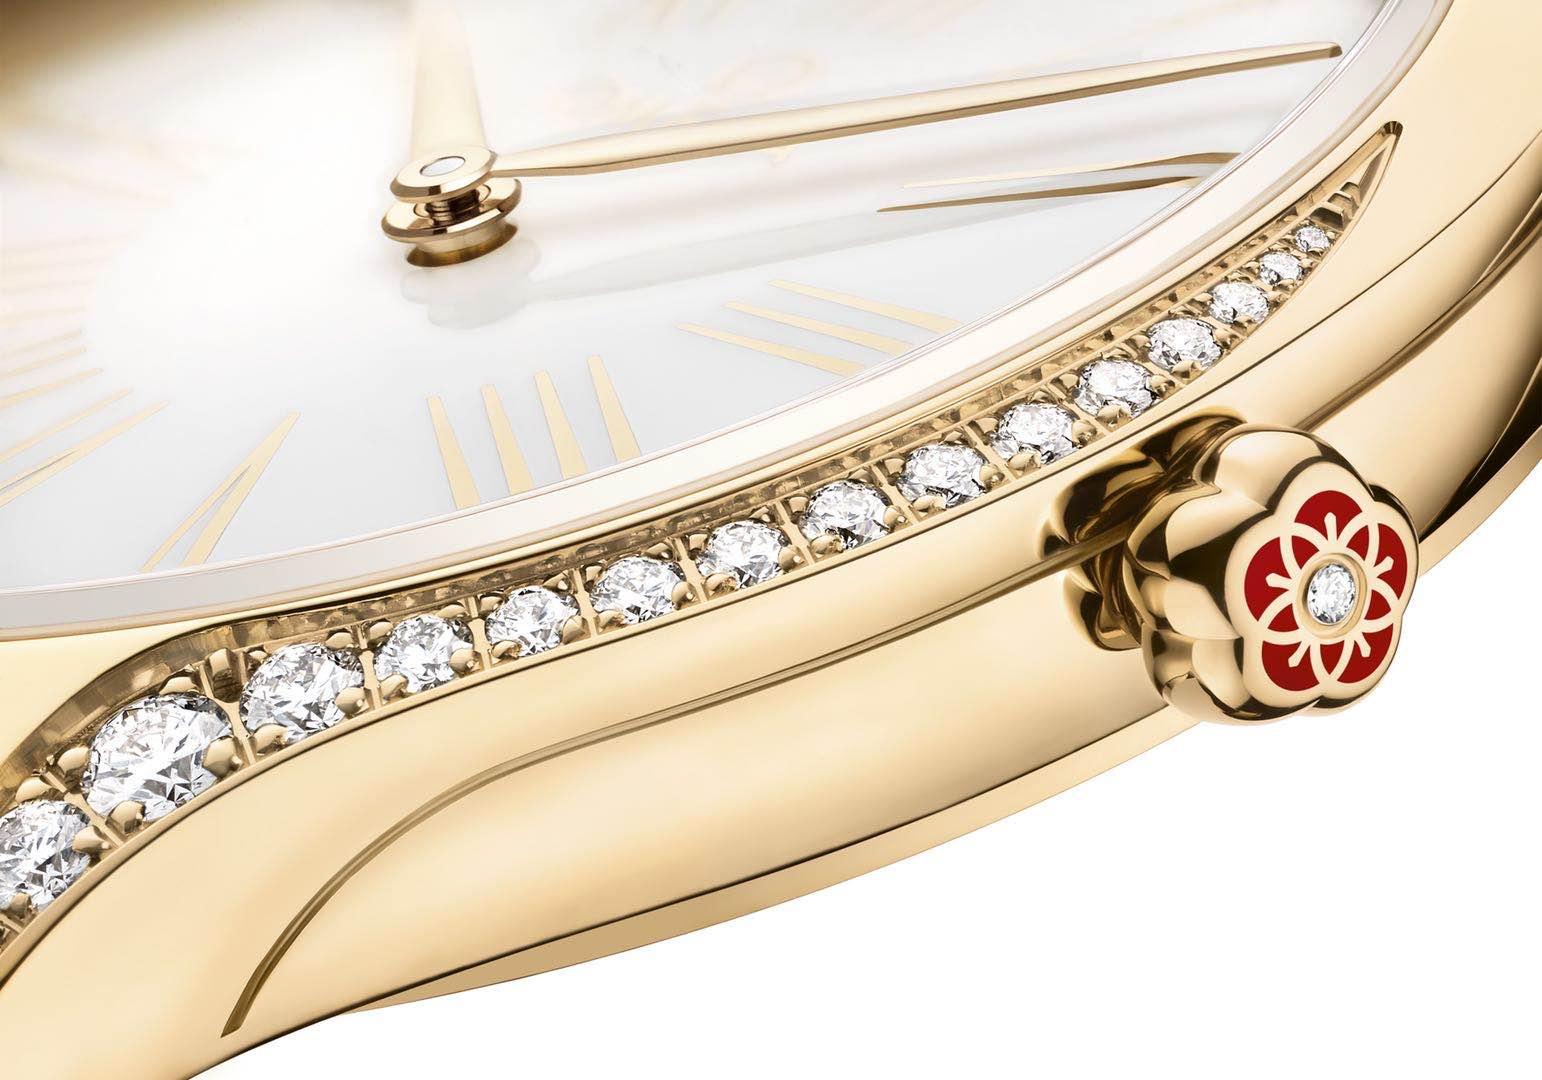 靈動月光 閃耀腕間 ——歐米茄碟飛系列名典女士腕表再推佳作